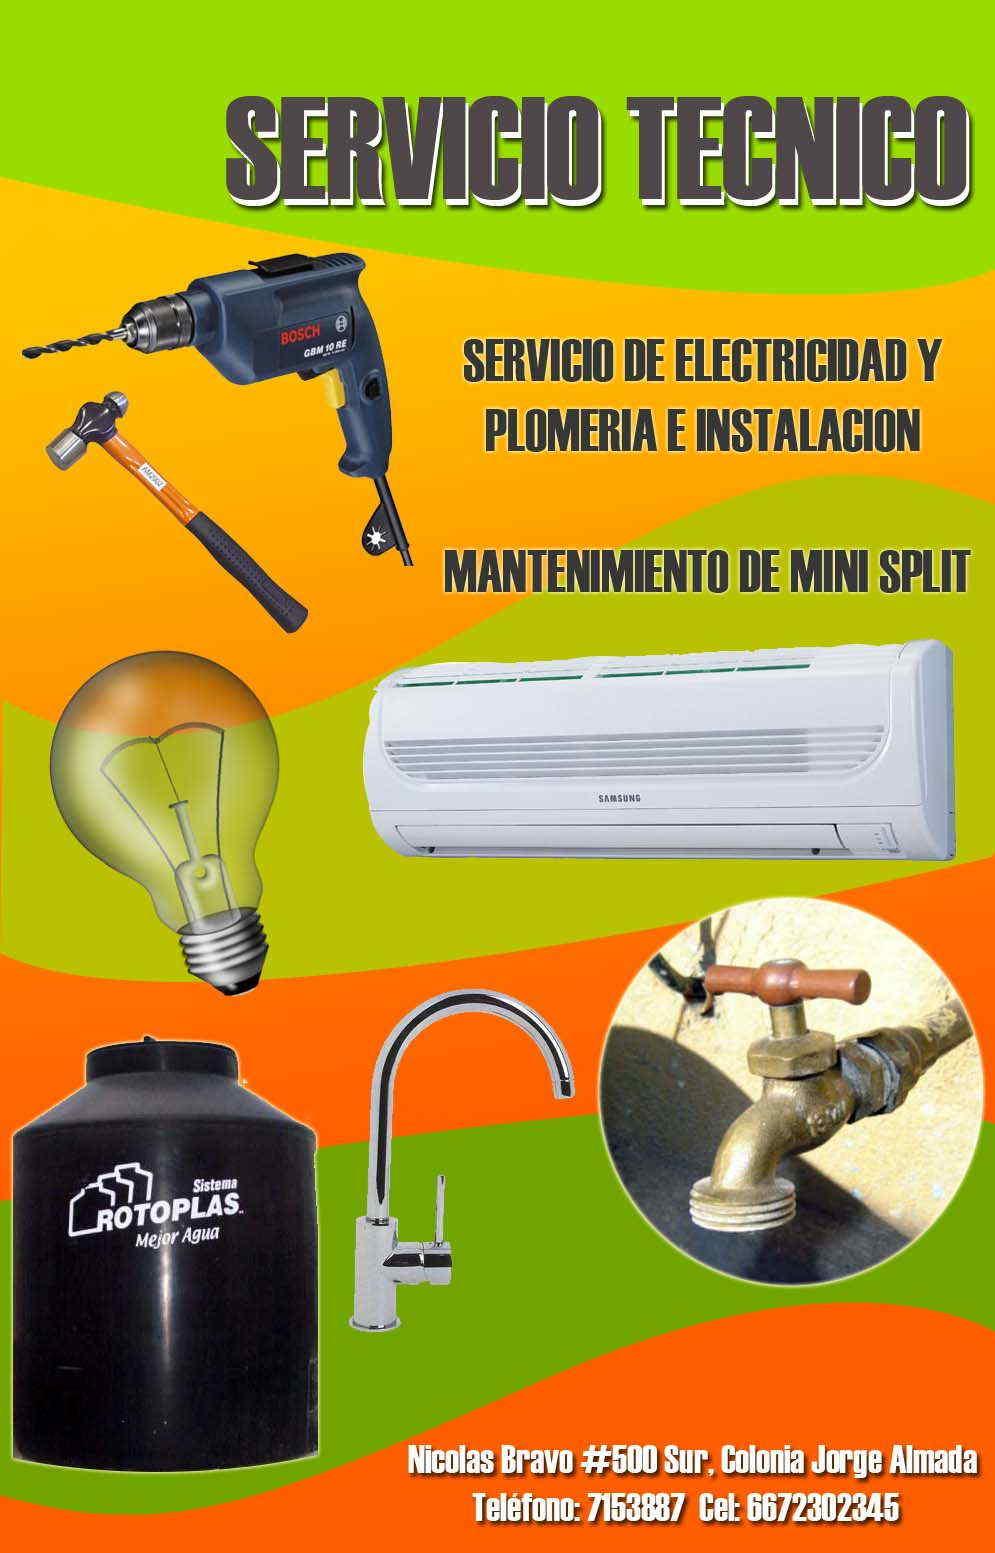 Servicio tecnico en culiac n anunciado por zonacomercial - Instalacion de electricidad ...